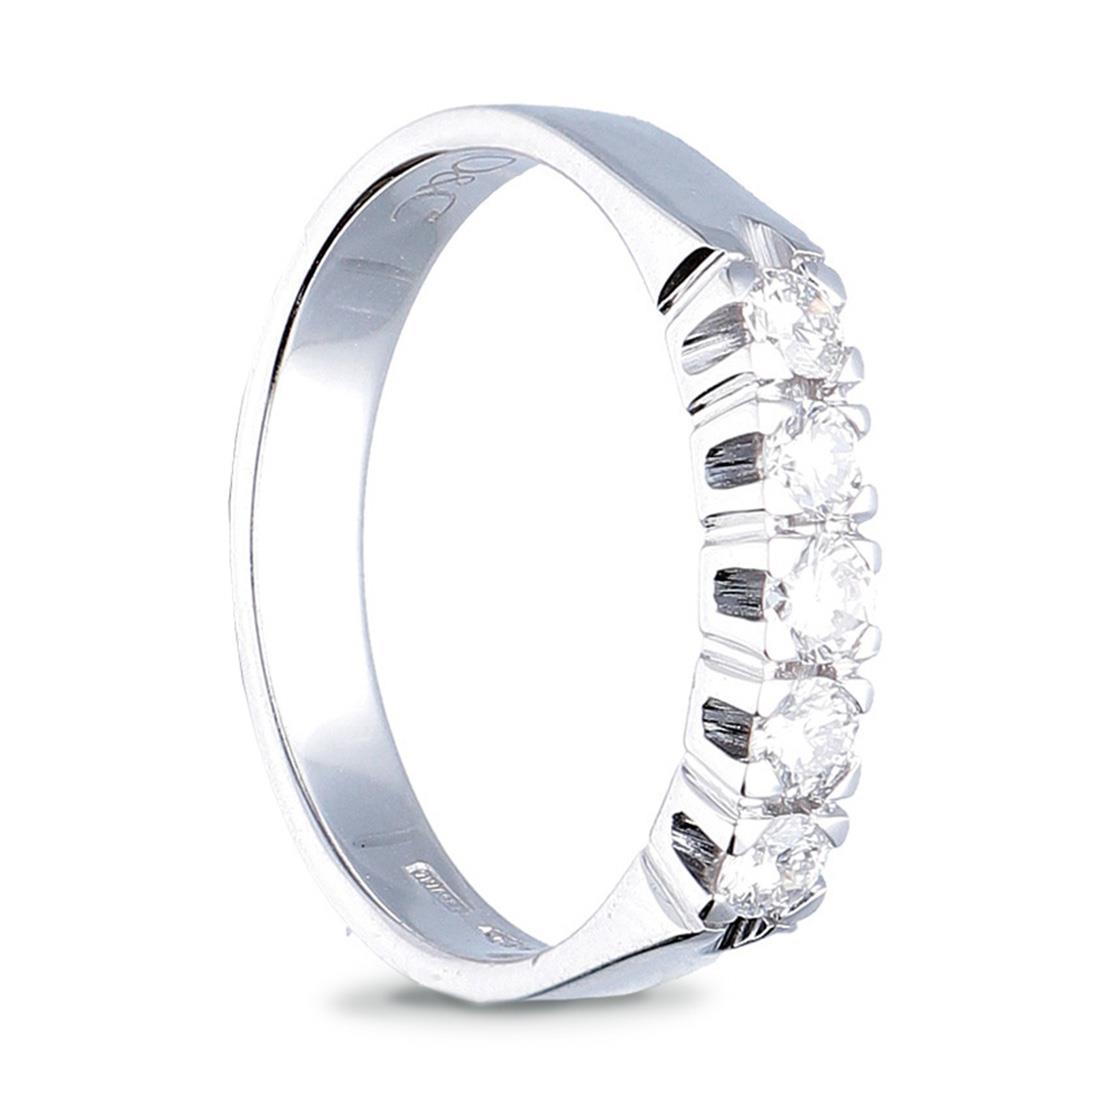 Anello veretta 5 pietre, diamanti ct. 0,25 - ORO&CO